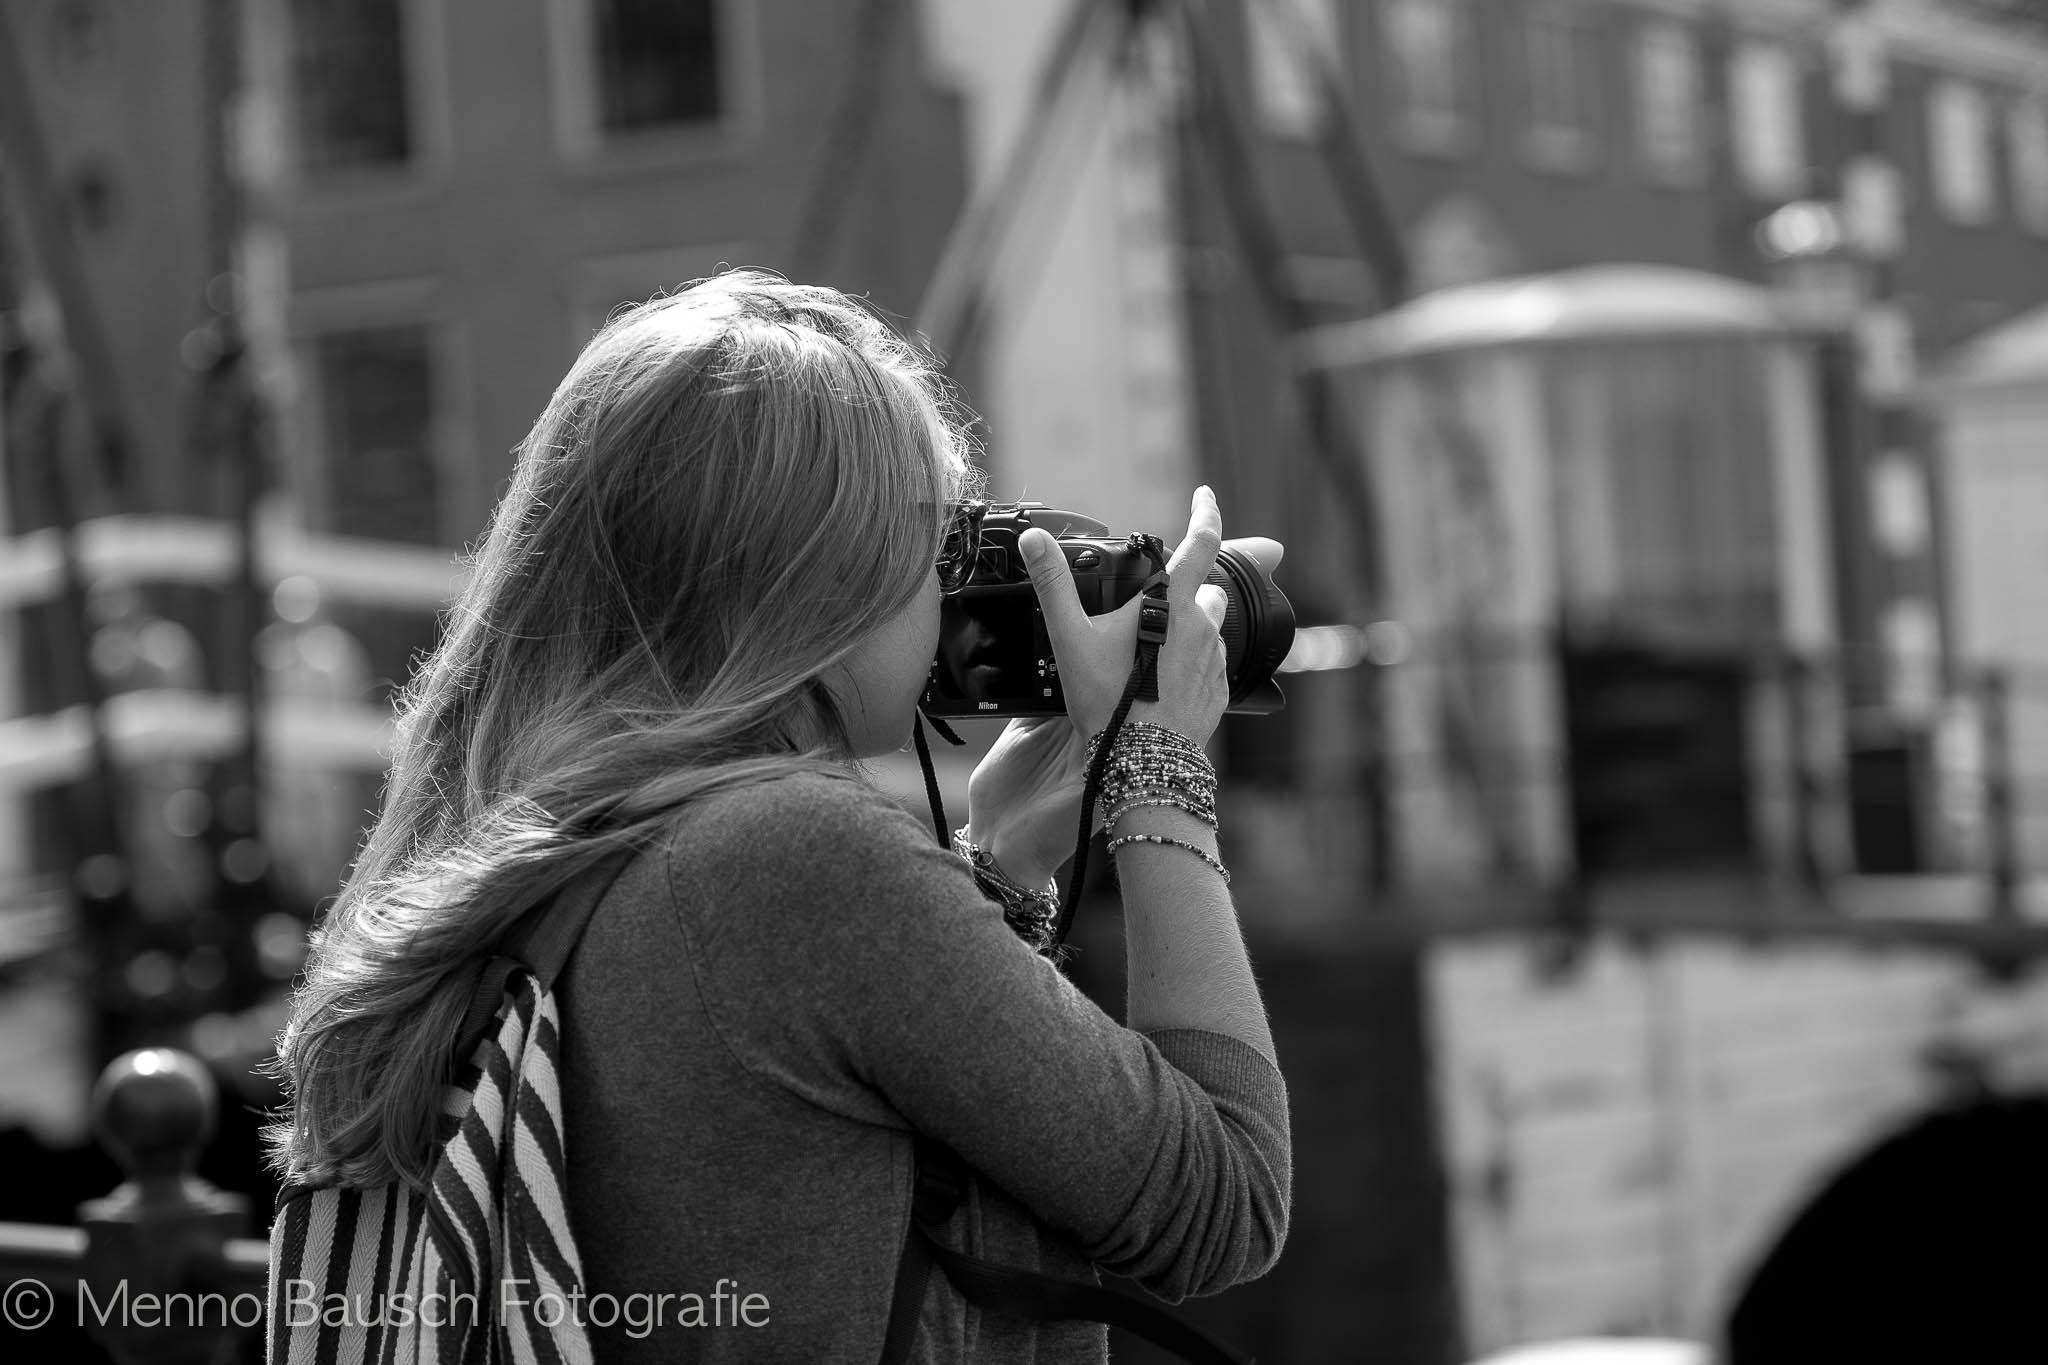 Menno Bausch Fotografie12